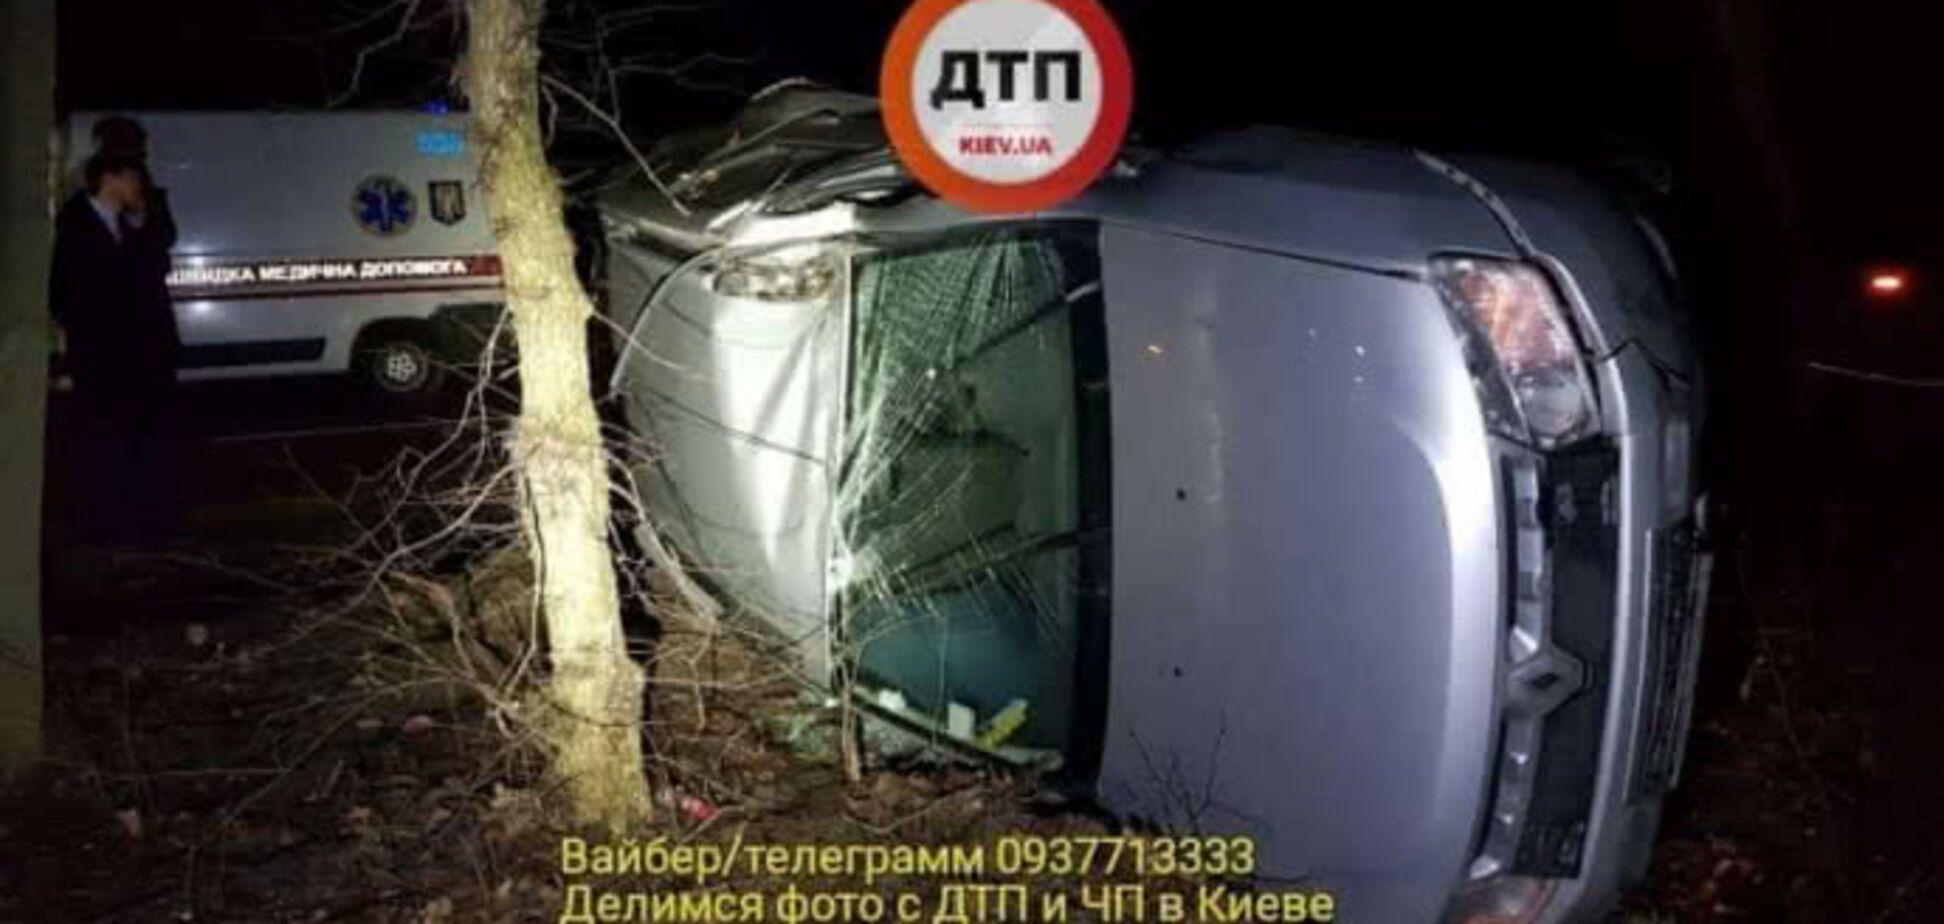 ДТП с пьяным судьей в Киеве: полиция начала расследование